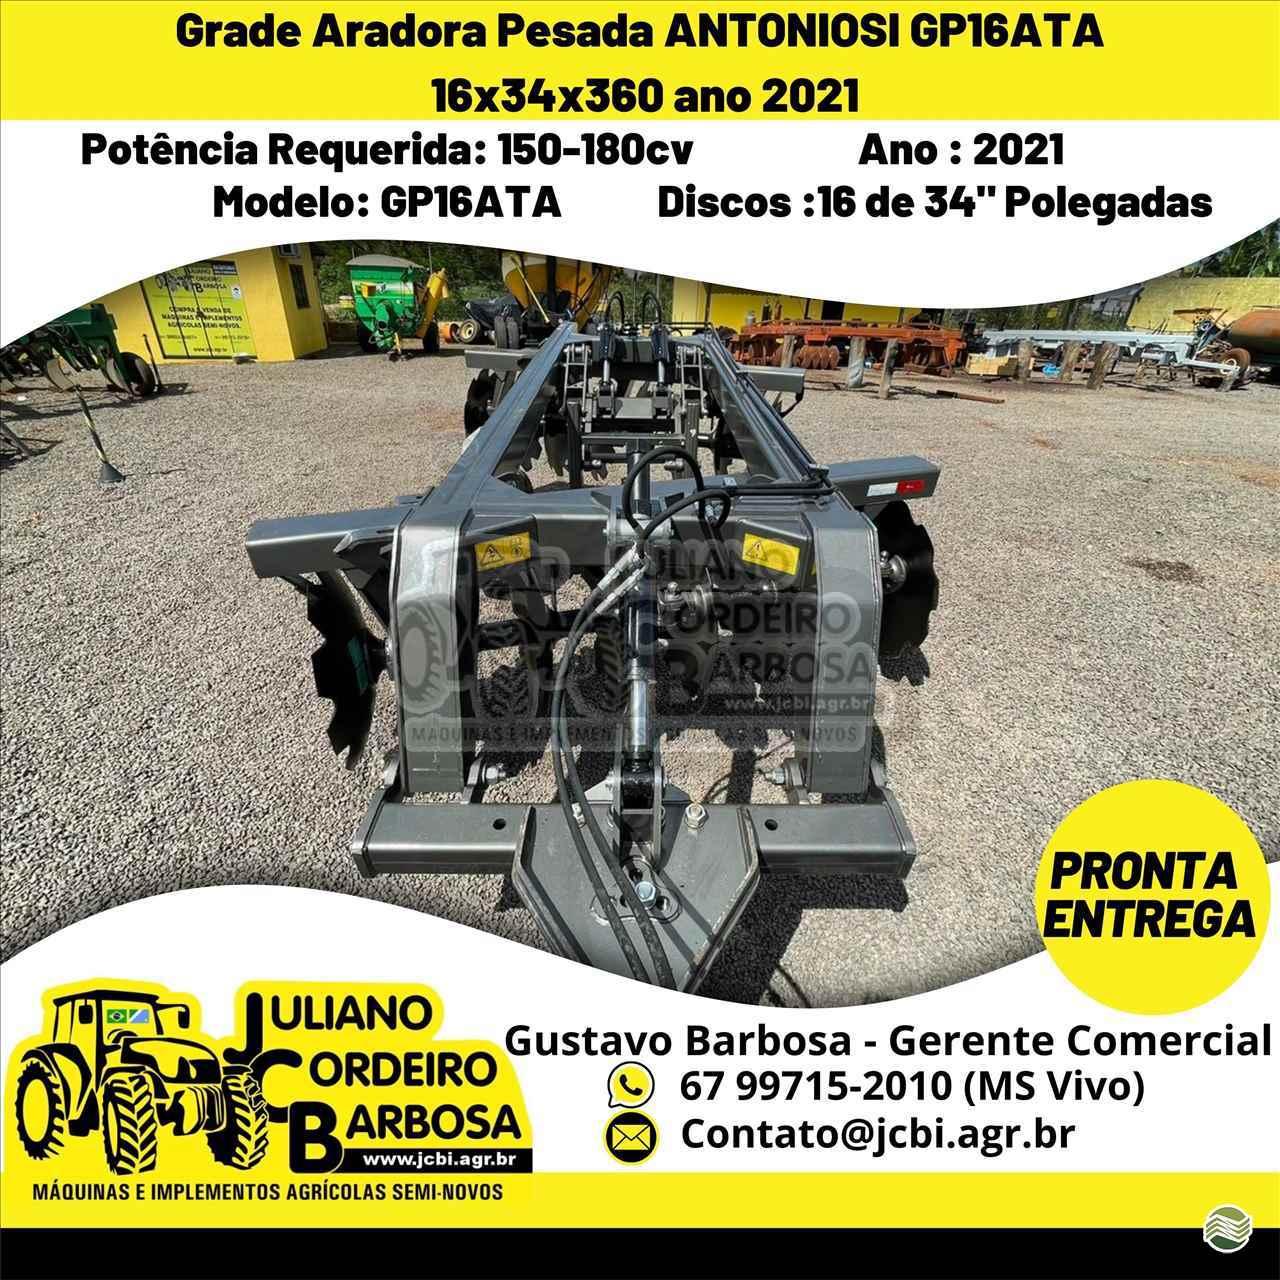 IMPLEMENTOS AGRICOLAS GRADE ARADORA ARADORA 16 DISCOS JCB Máquinas e Implementos Agrícolas MARACAJU MATO GROSSO DO SUL MS